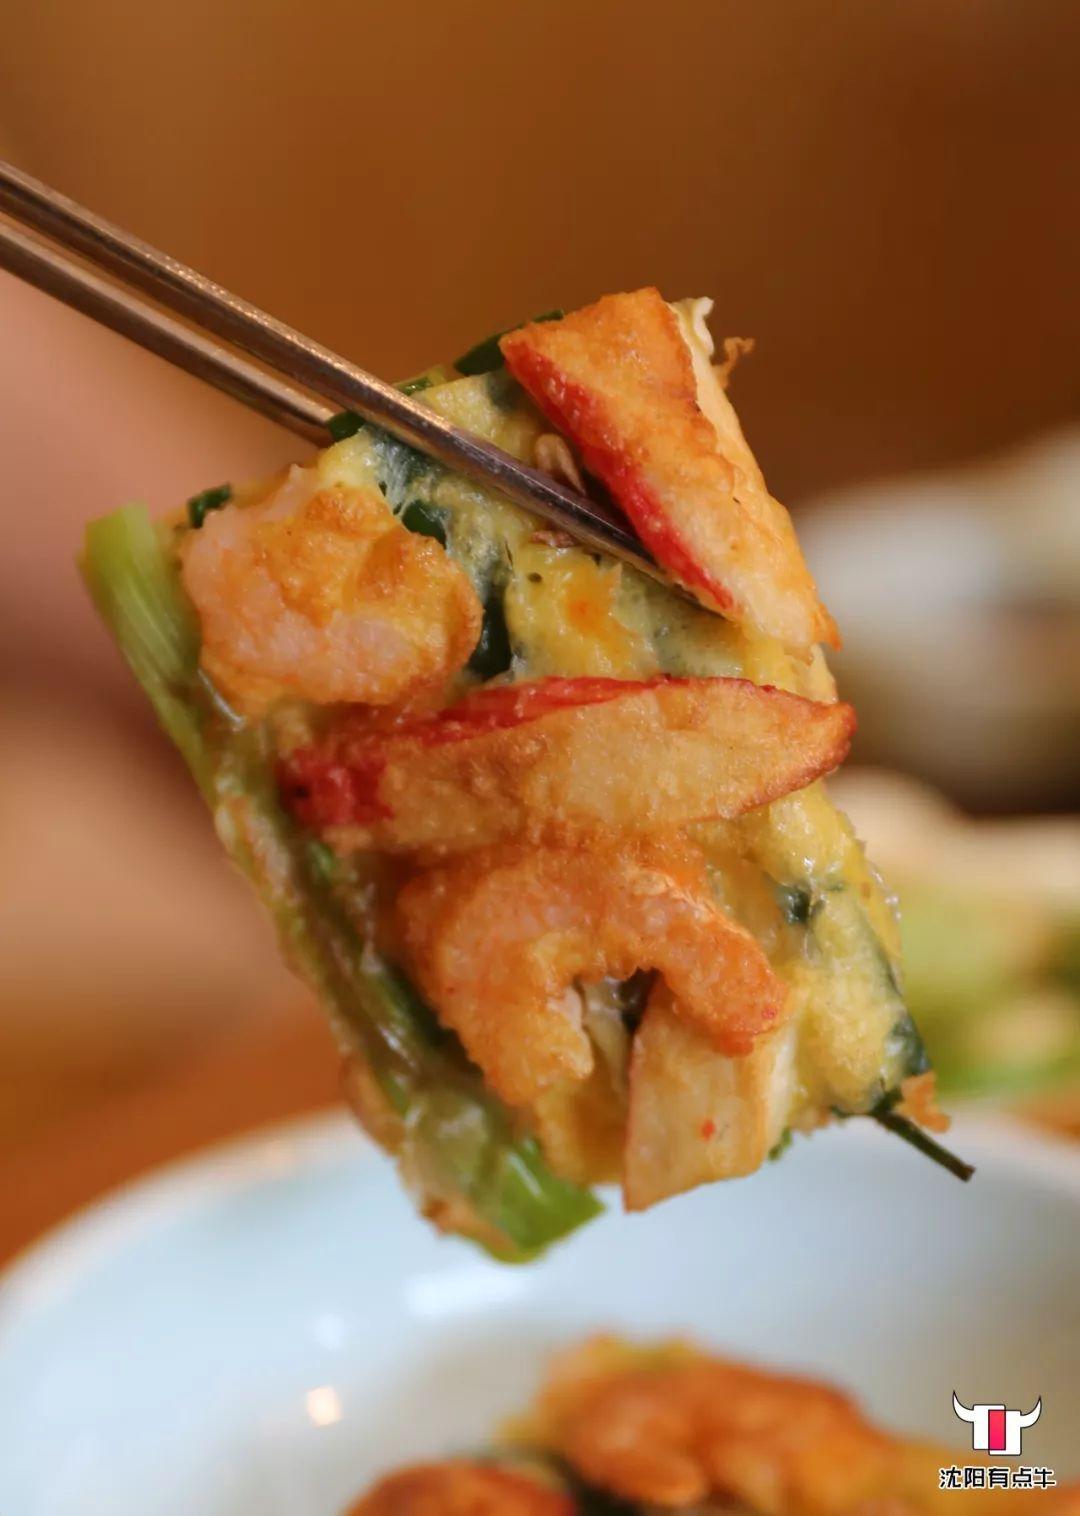 �罕��z;��ŭ�院_6折吃韩式烤肉!怒刷4盘肉!不去都对不起自己的胃!